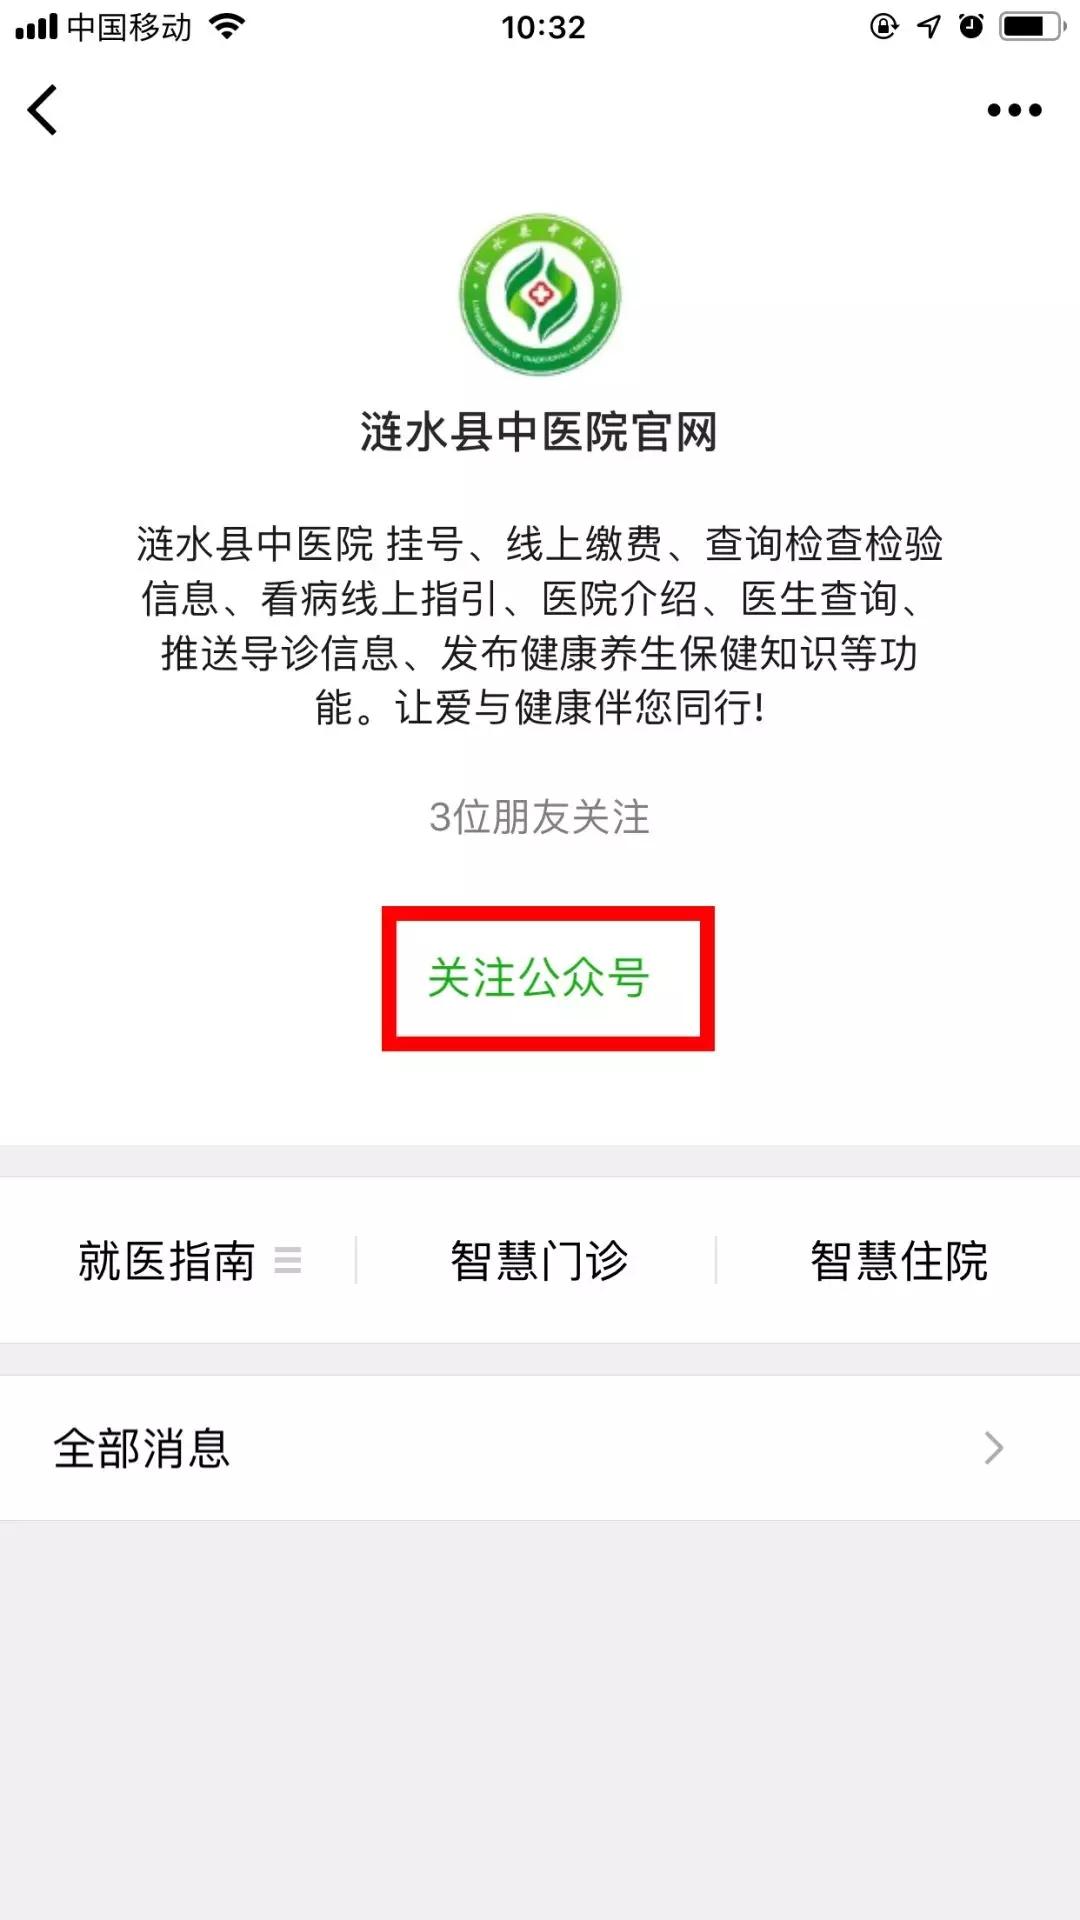 涟水县中医院微信缴费、挂号预约使用教程